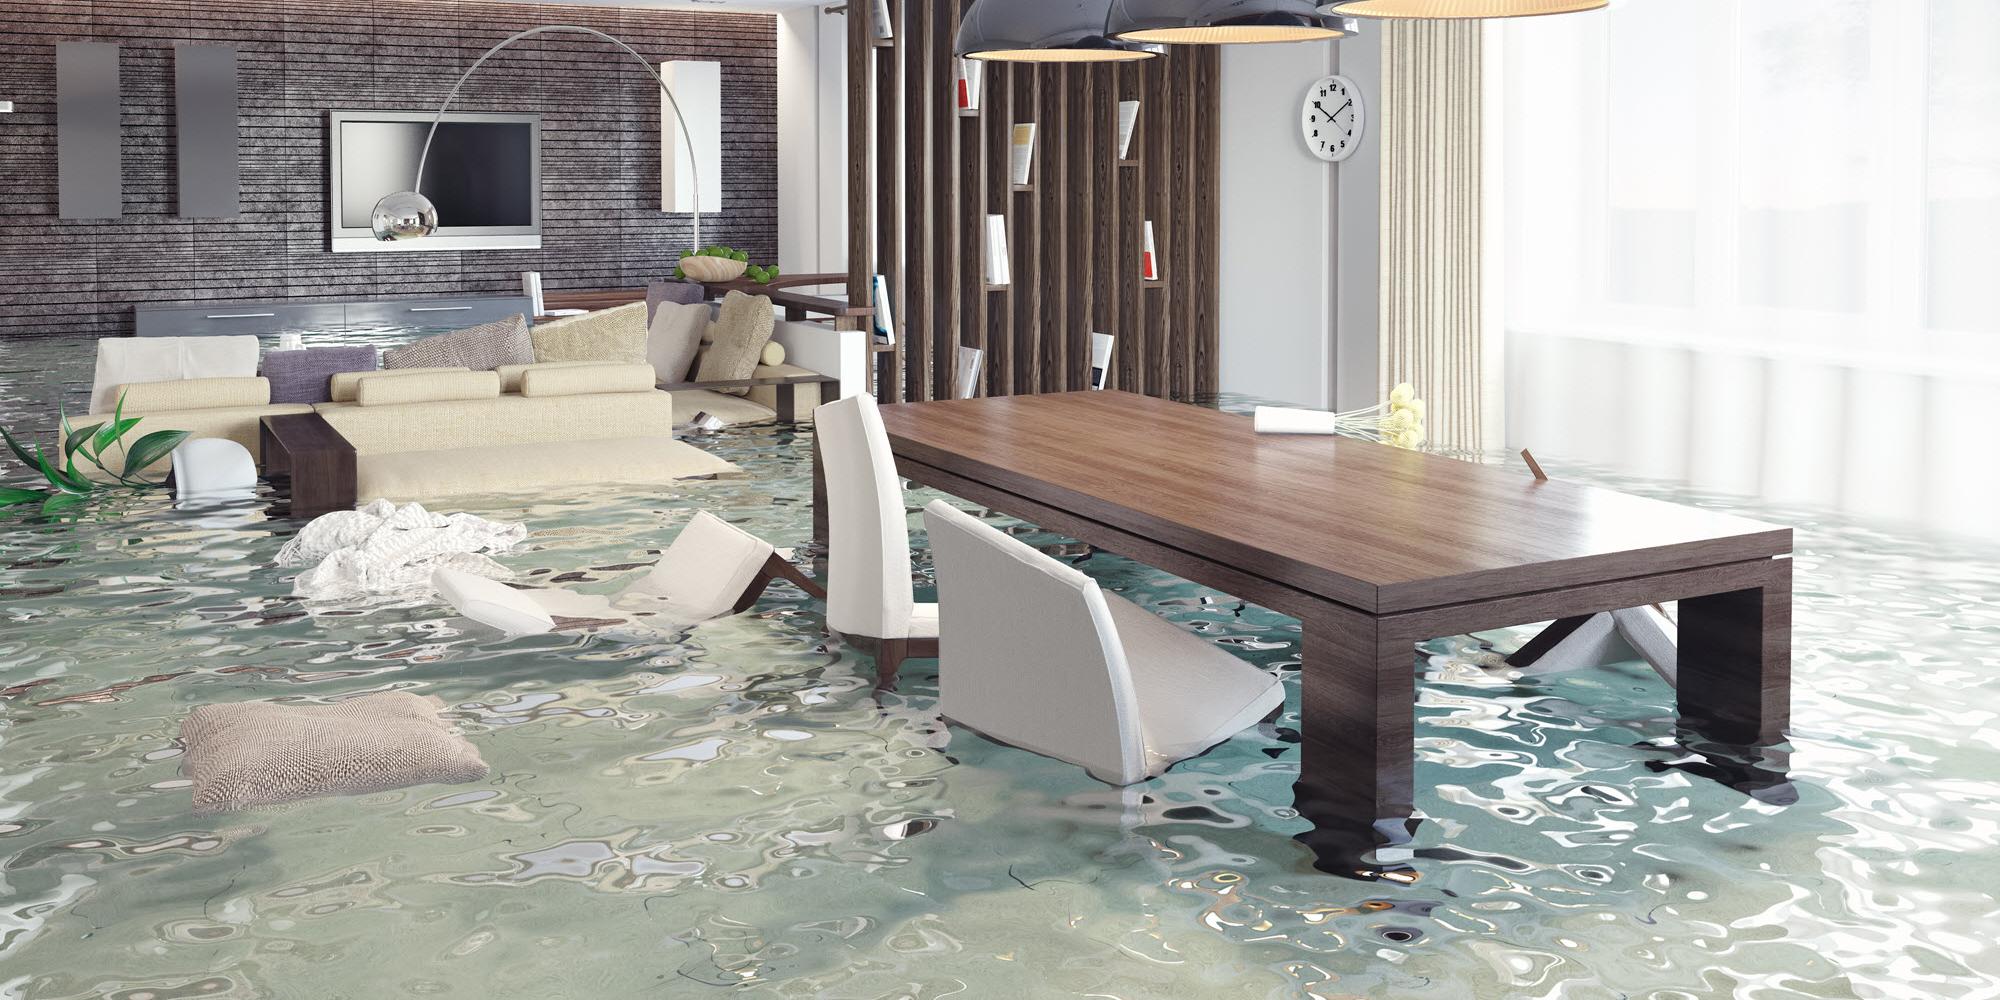 Water Damage Restoration Elkridge